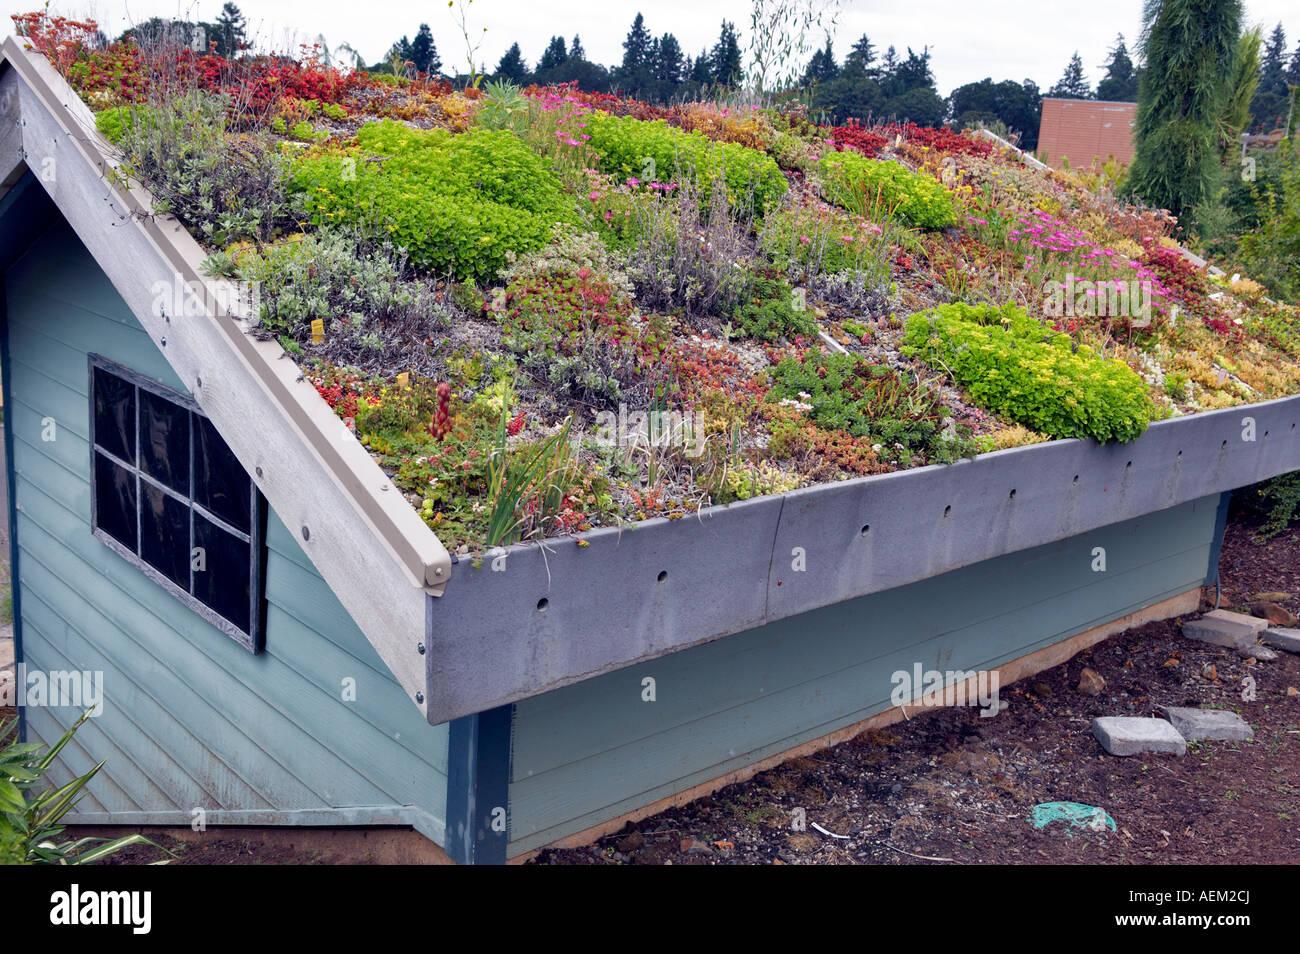 Dach des Gebäudes in saftigen Rock bedeckt Pflanzen Garten Oregon Oregon Stockbild